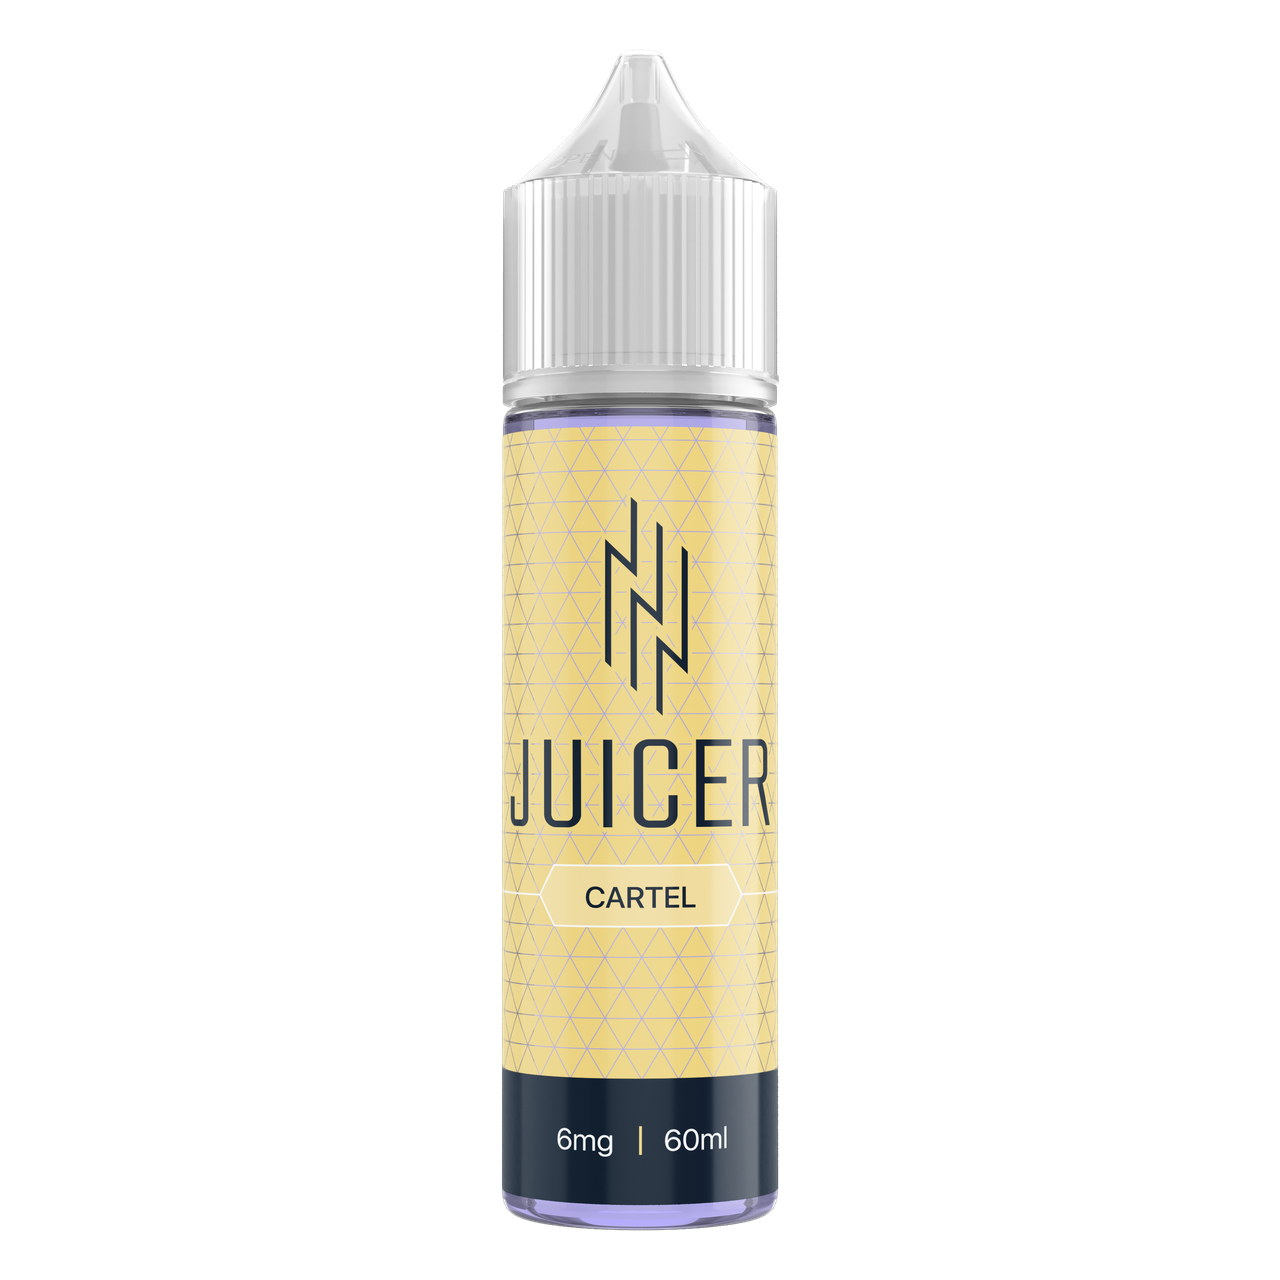 Жидкость JUICER - CARTEL 60ml